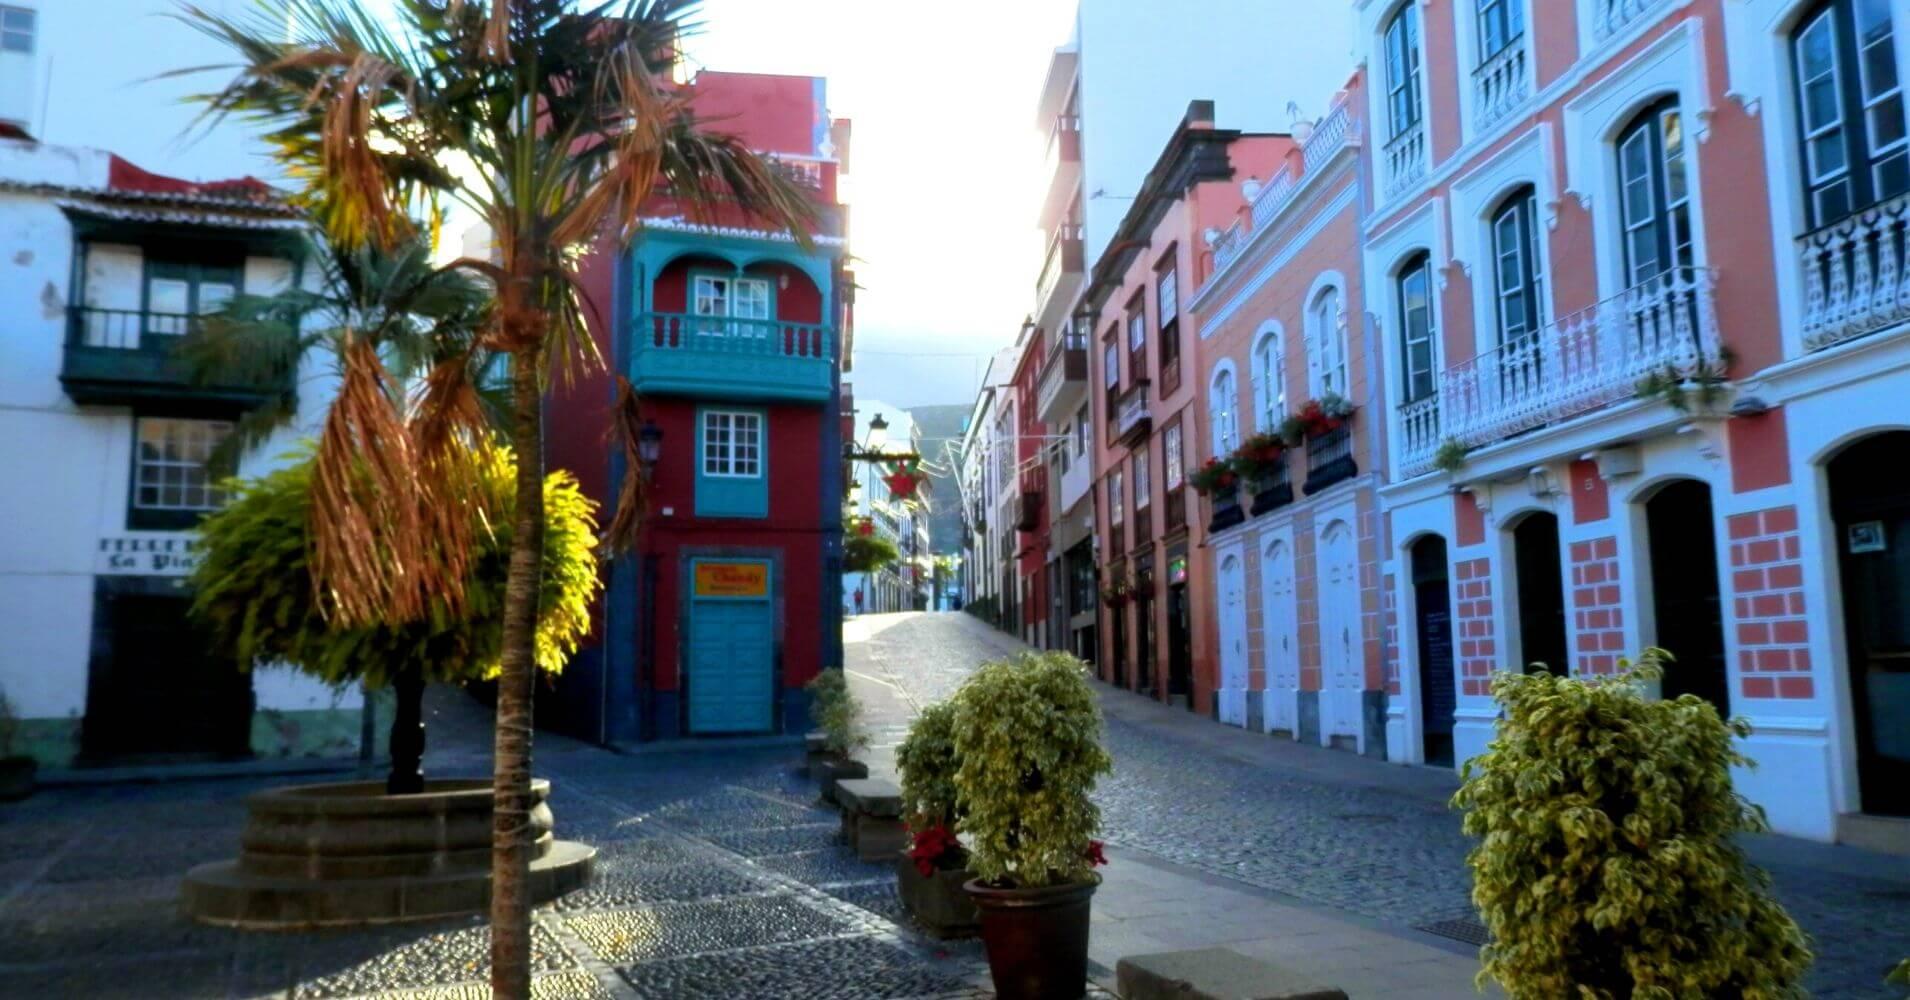 Calle O' Daly, La Palma a Ritmo Lento. Santa Cruz de La Palma. Islas Canarias.